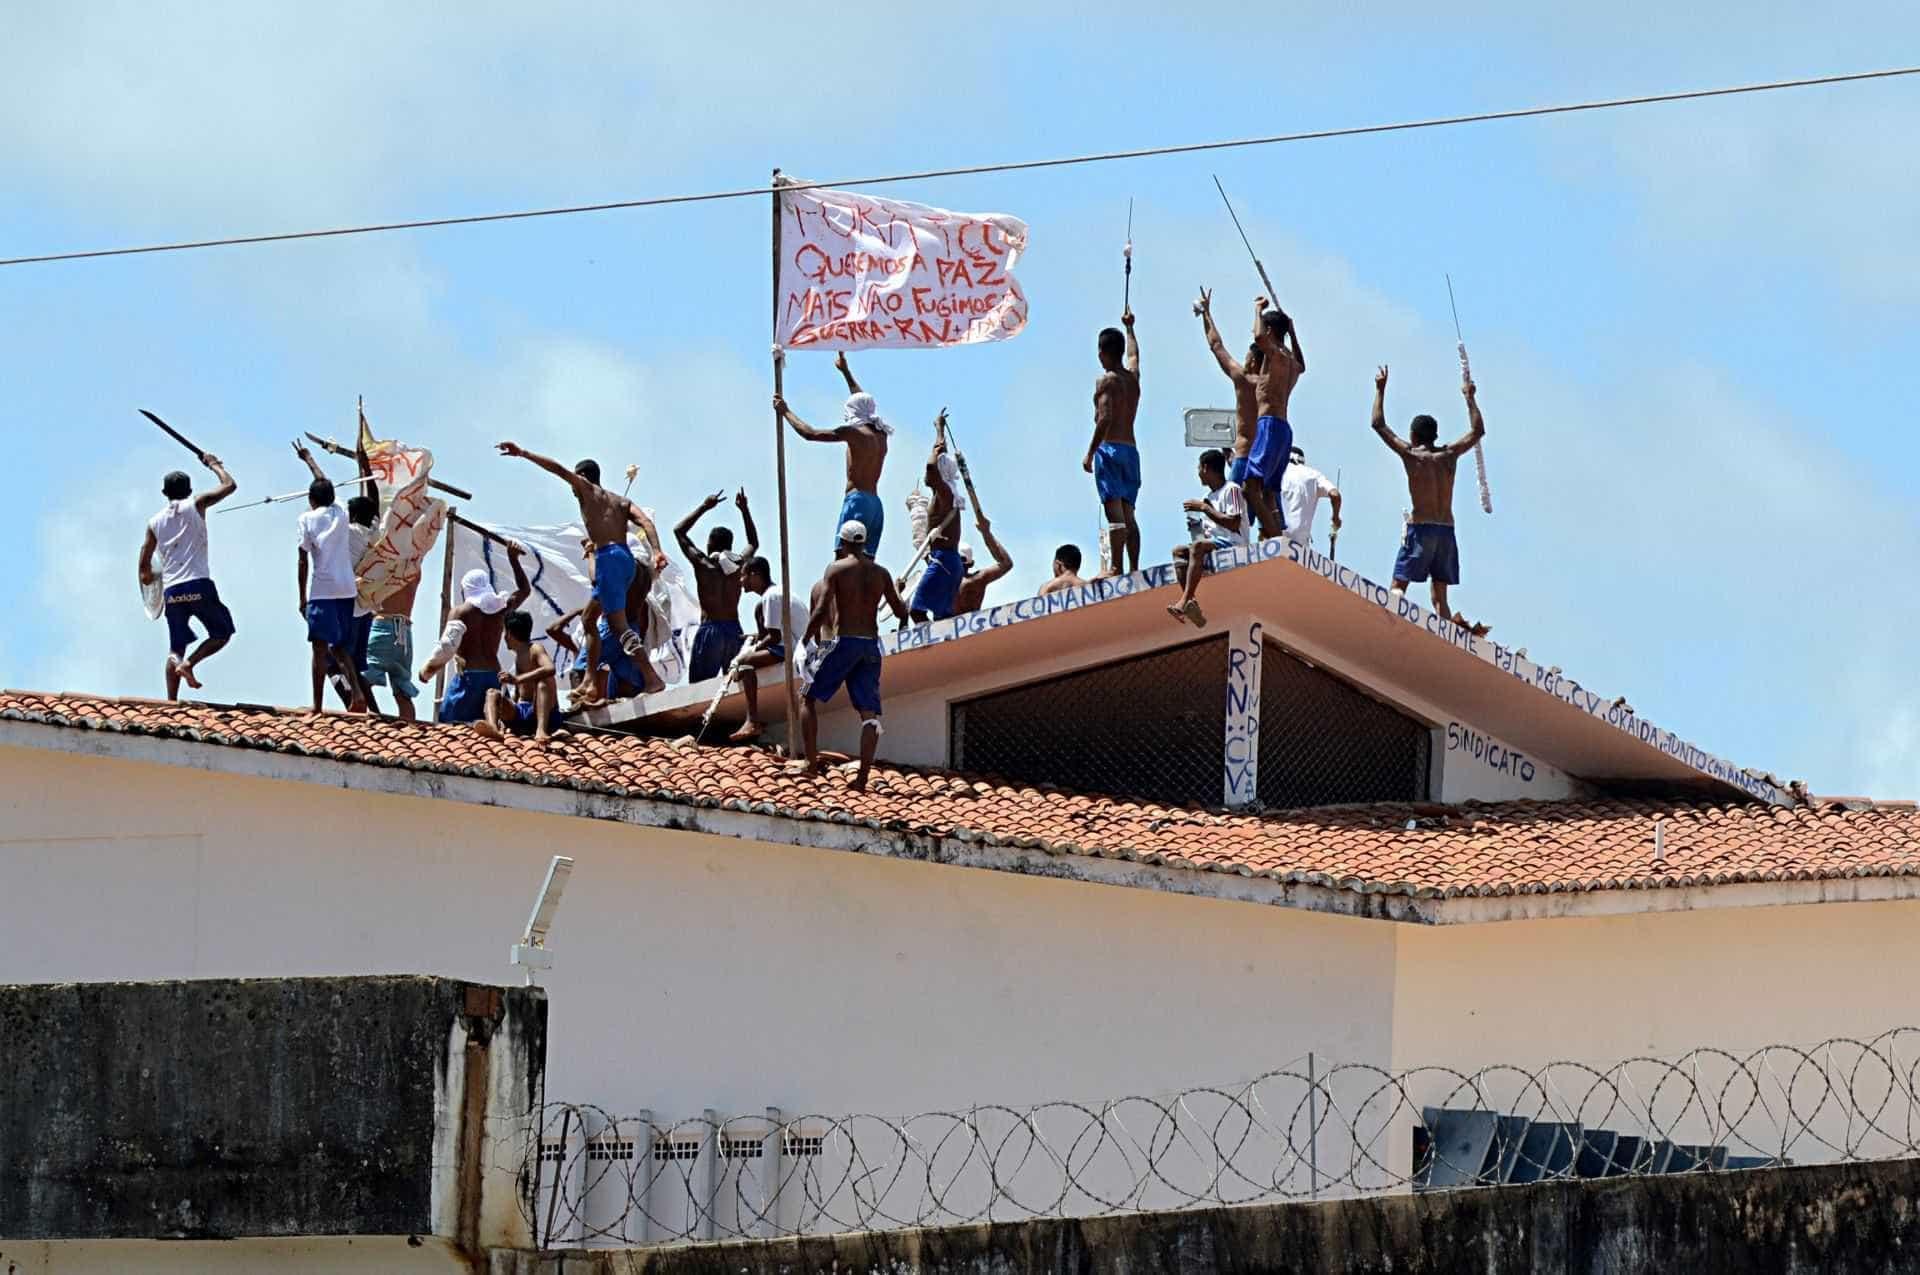 Mais de 70 presos podem ter sido mortos por agentes públicos, diz órgão